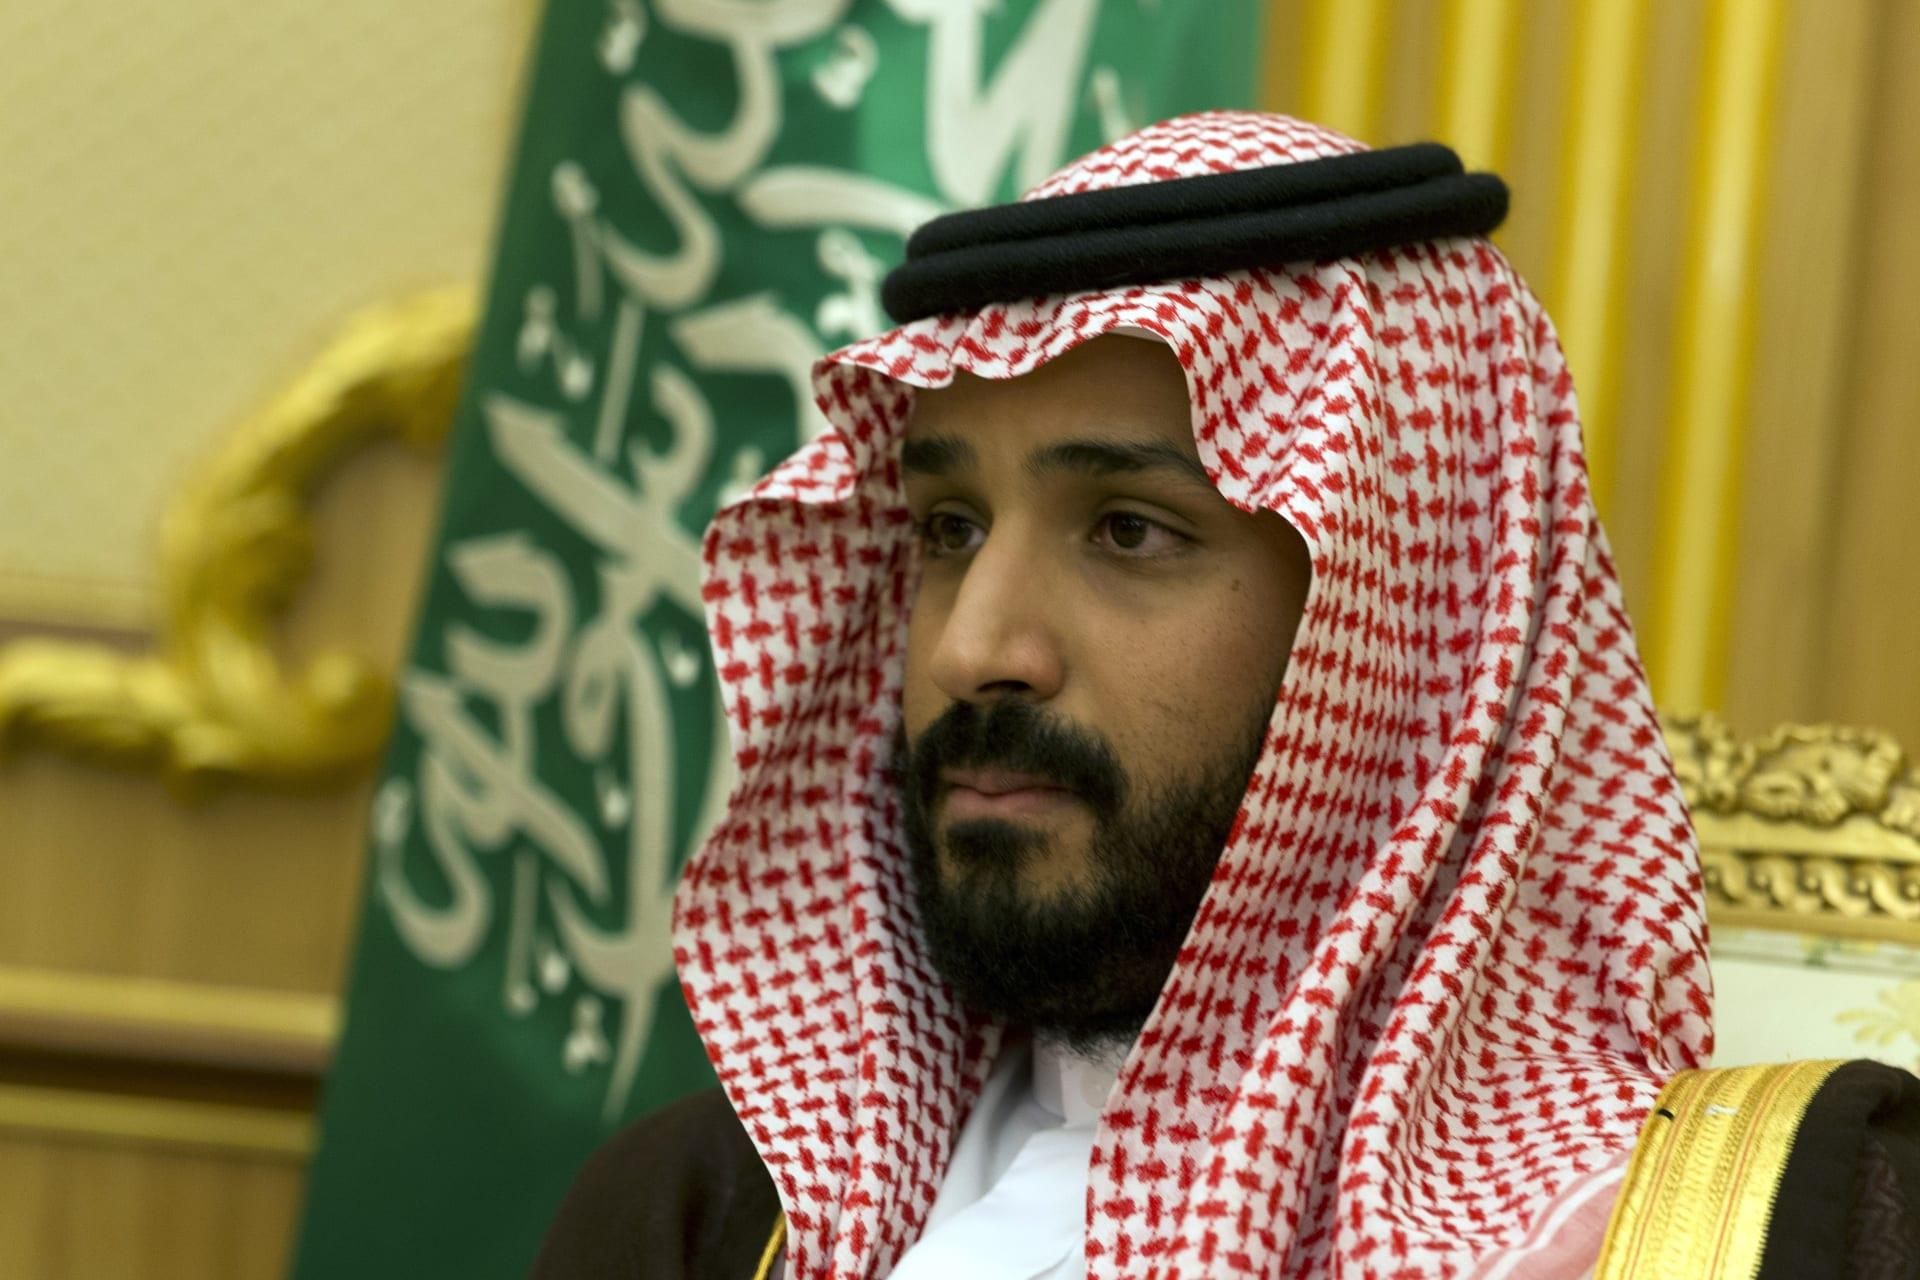 """ما هي أبرز عناصر """"رؤية المملكة"""" لمستقبل السعودية ما بعد عصر النفط التي كشفها الأمير محمد بن سلمان؟"""